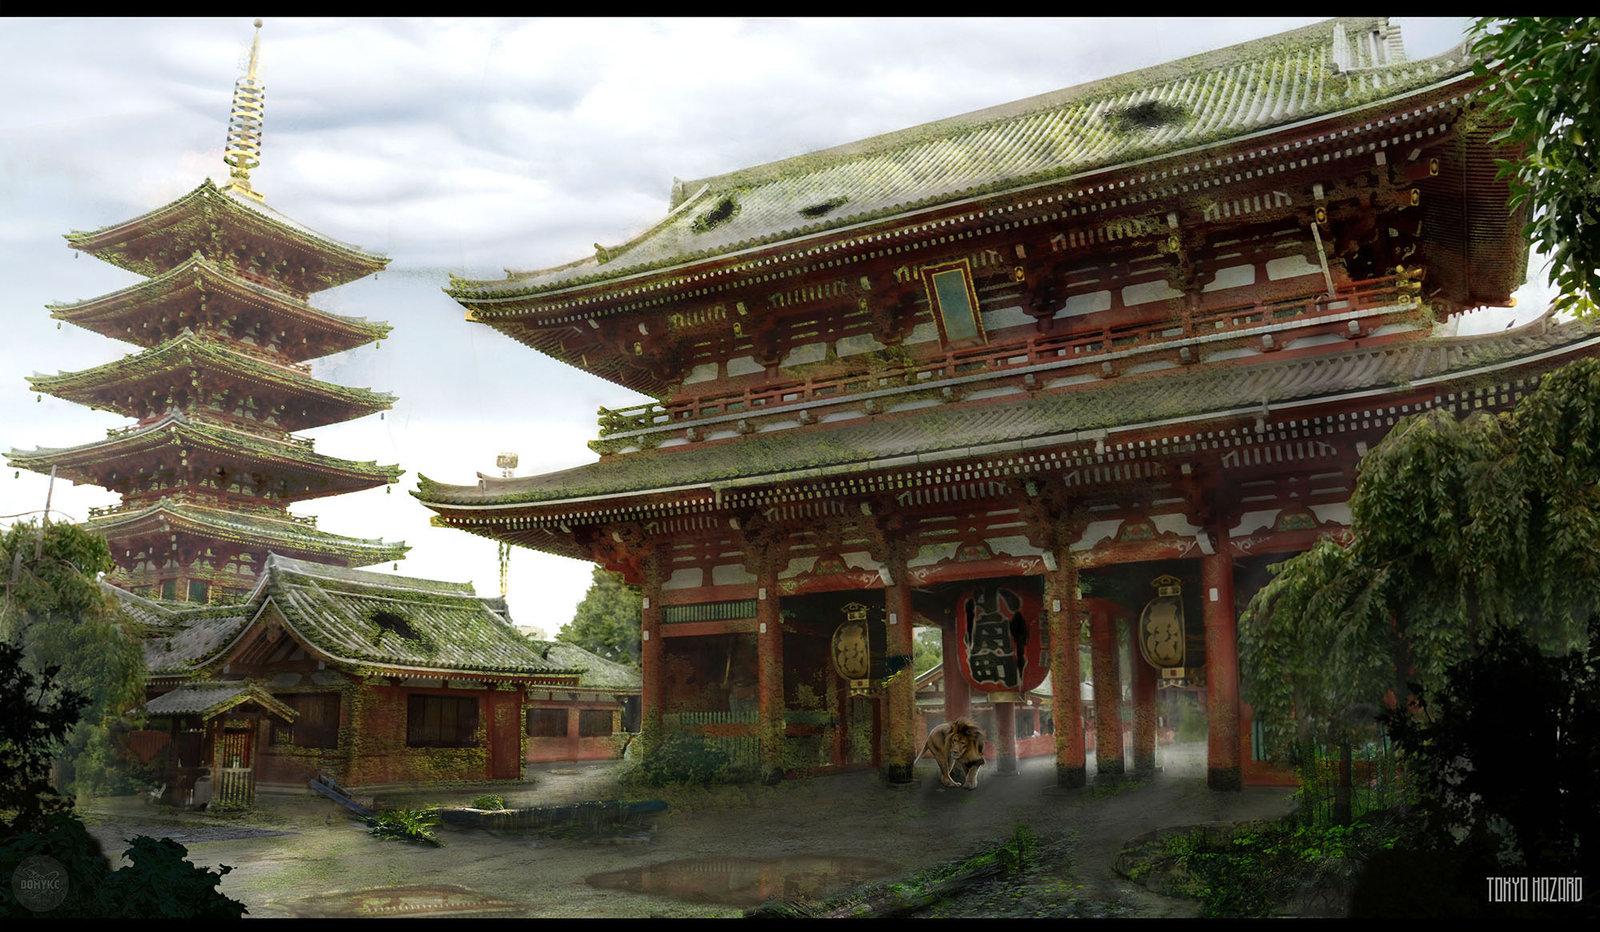 Tokyo Hazard - Shrine